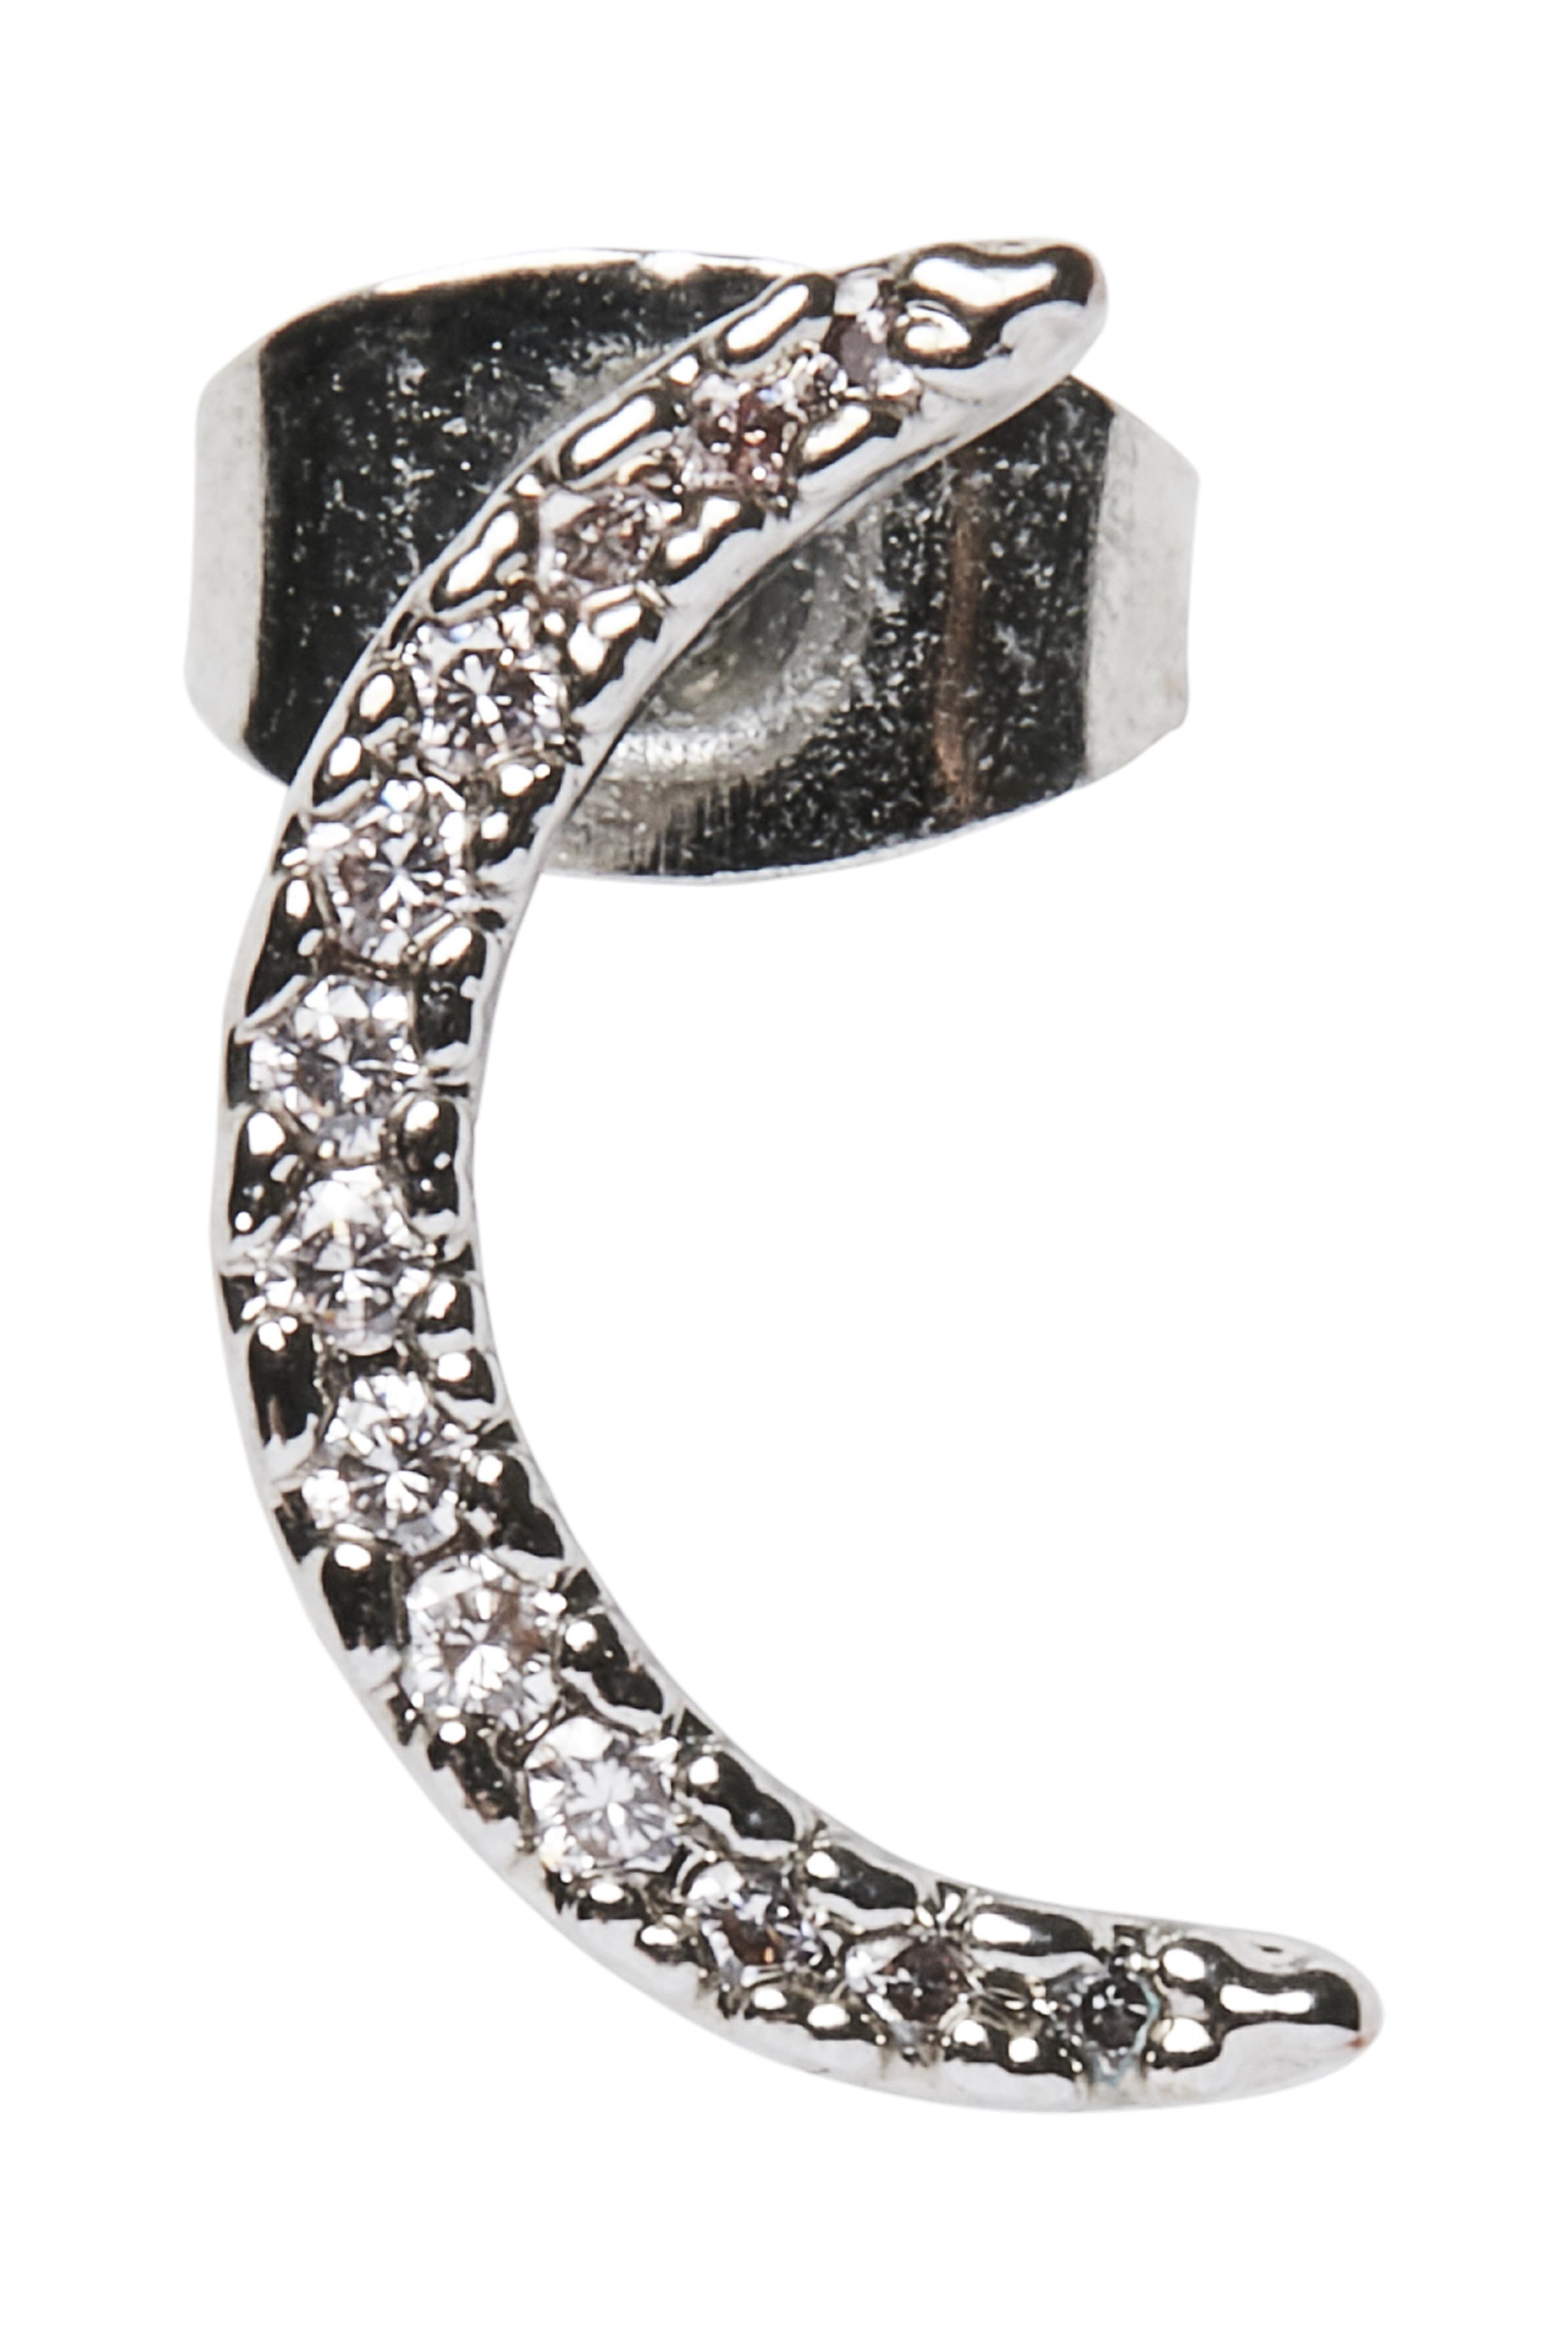 Silver Örhängen  från Fransa – Köp Silver Örhängen  från stl. ONE här